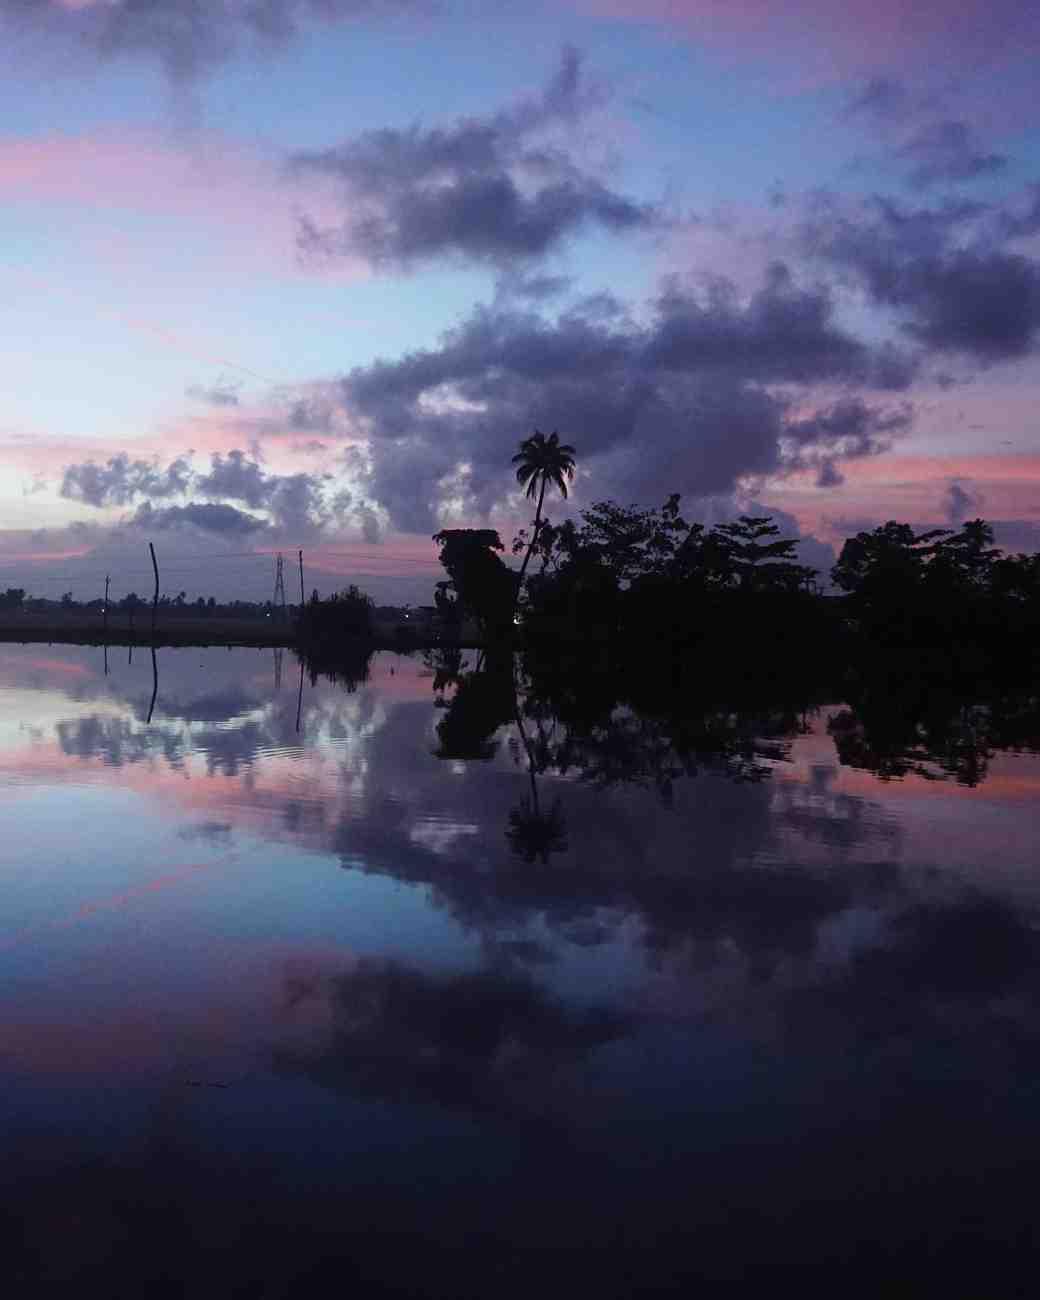 travel-honeymoon-diaries-kerala-india-sunset-s112955.jpg